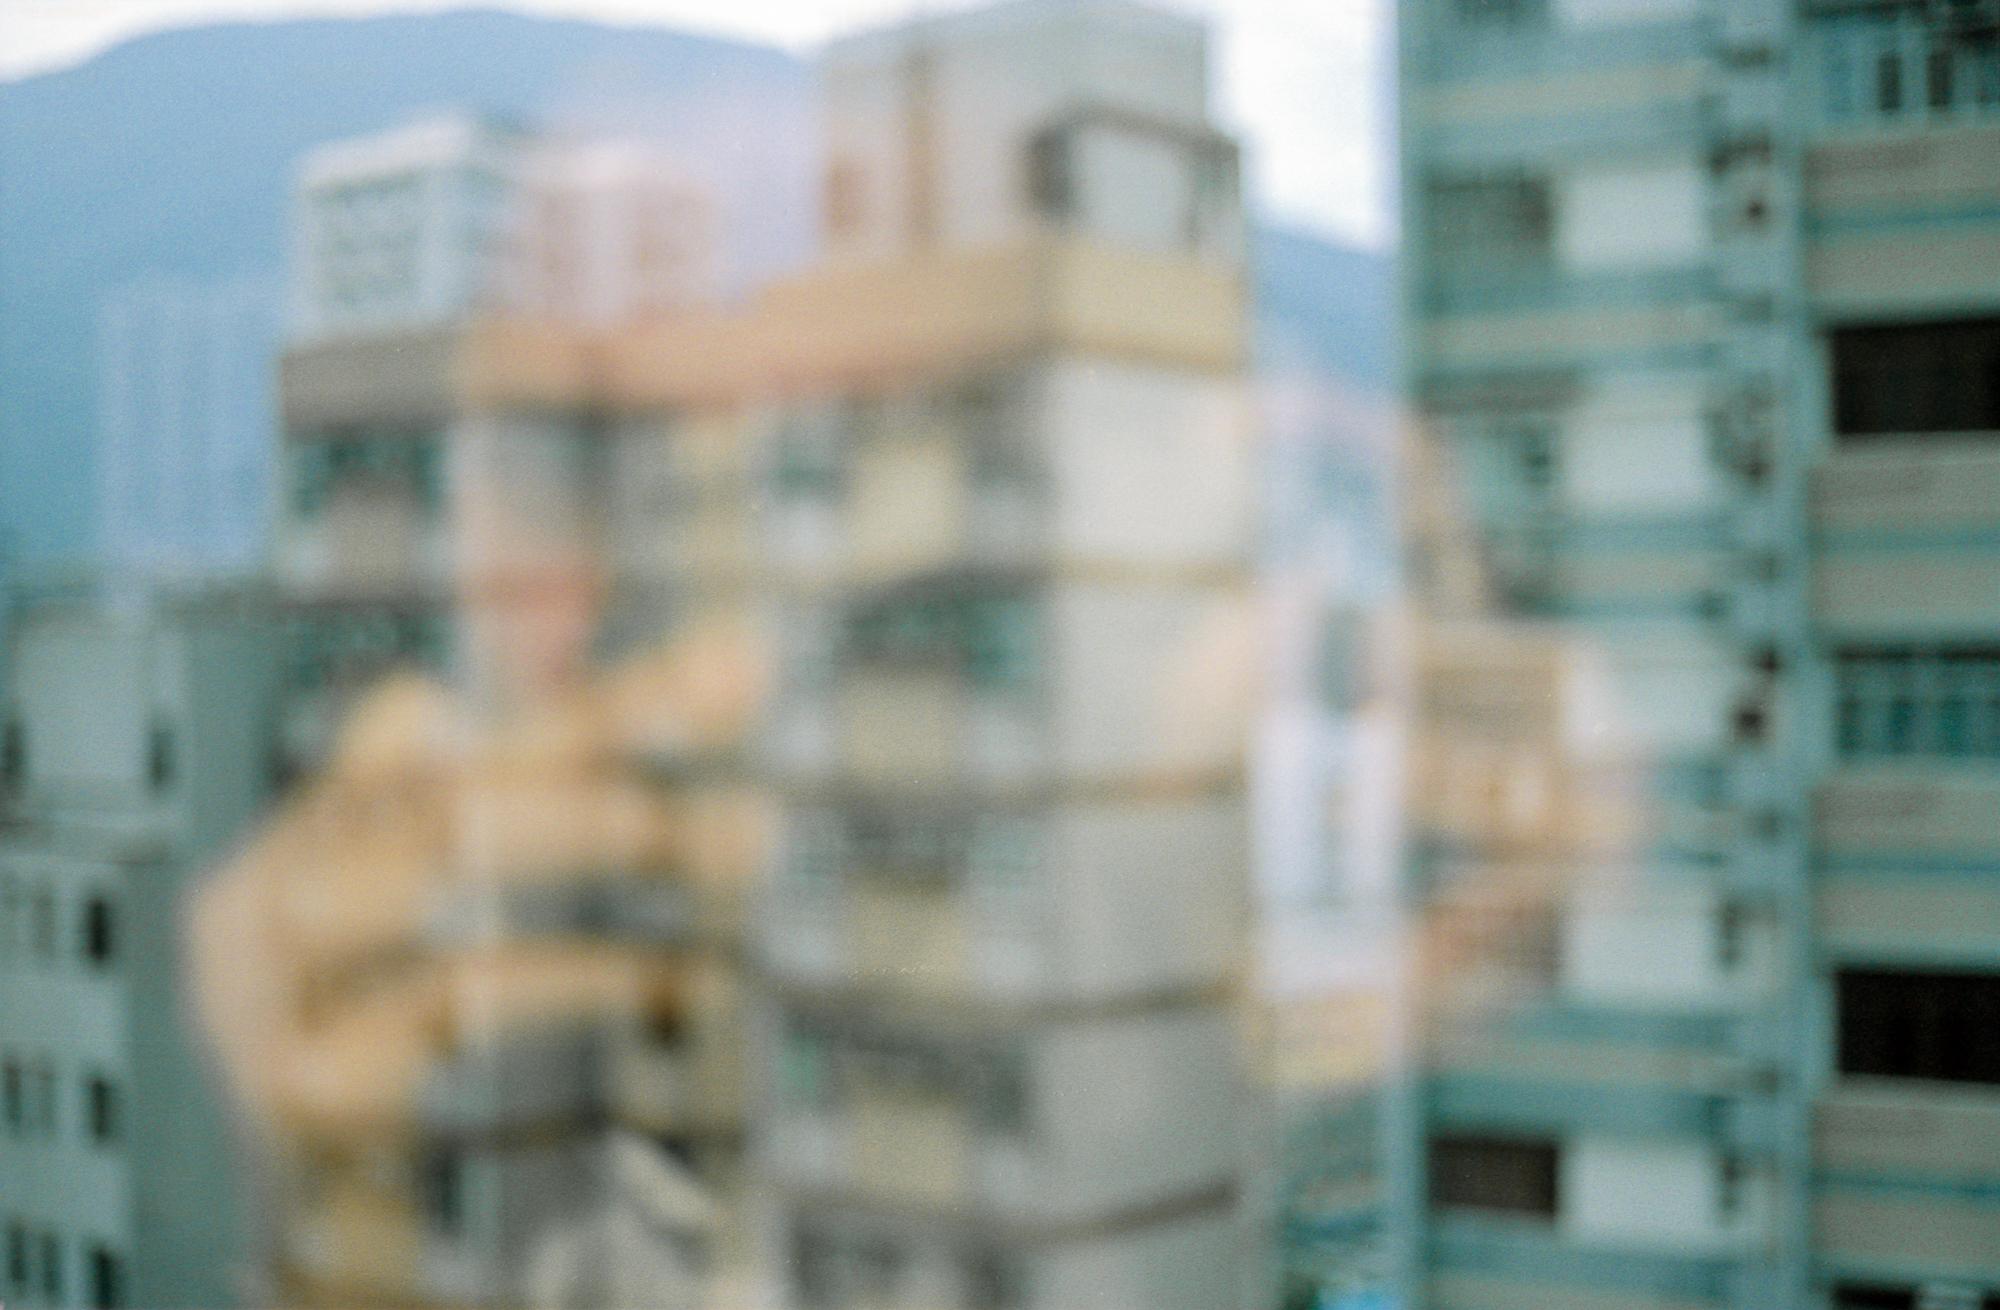 2017-01-25_35mm_AsiaTour_R15_12_Web_v01.jpg